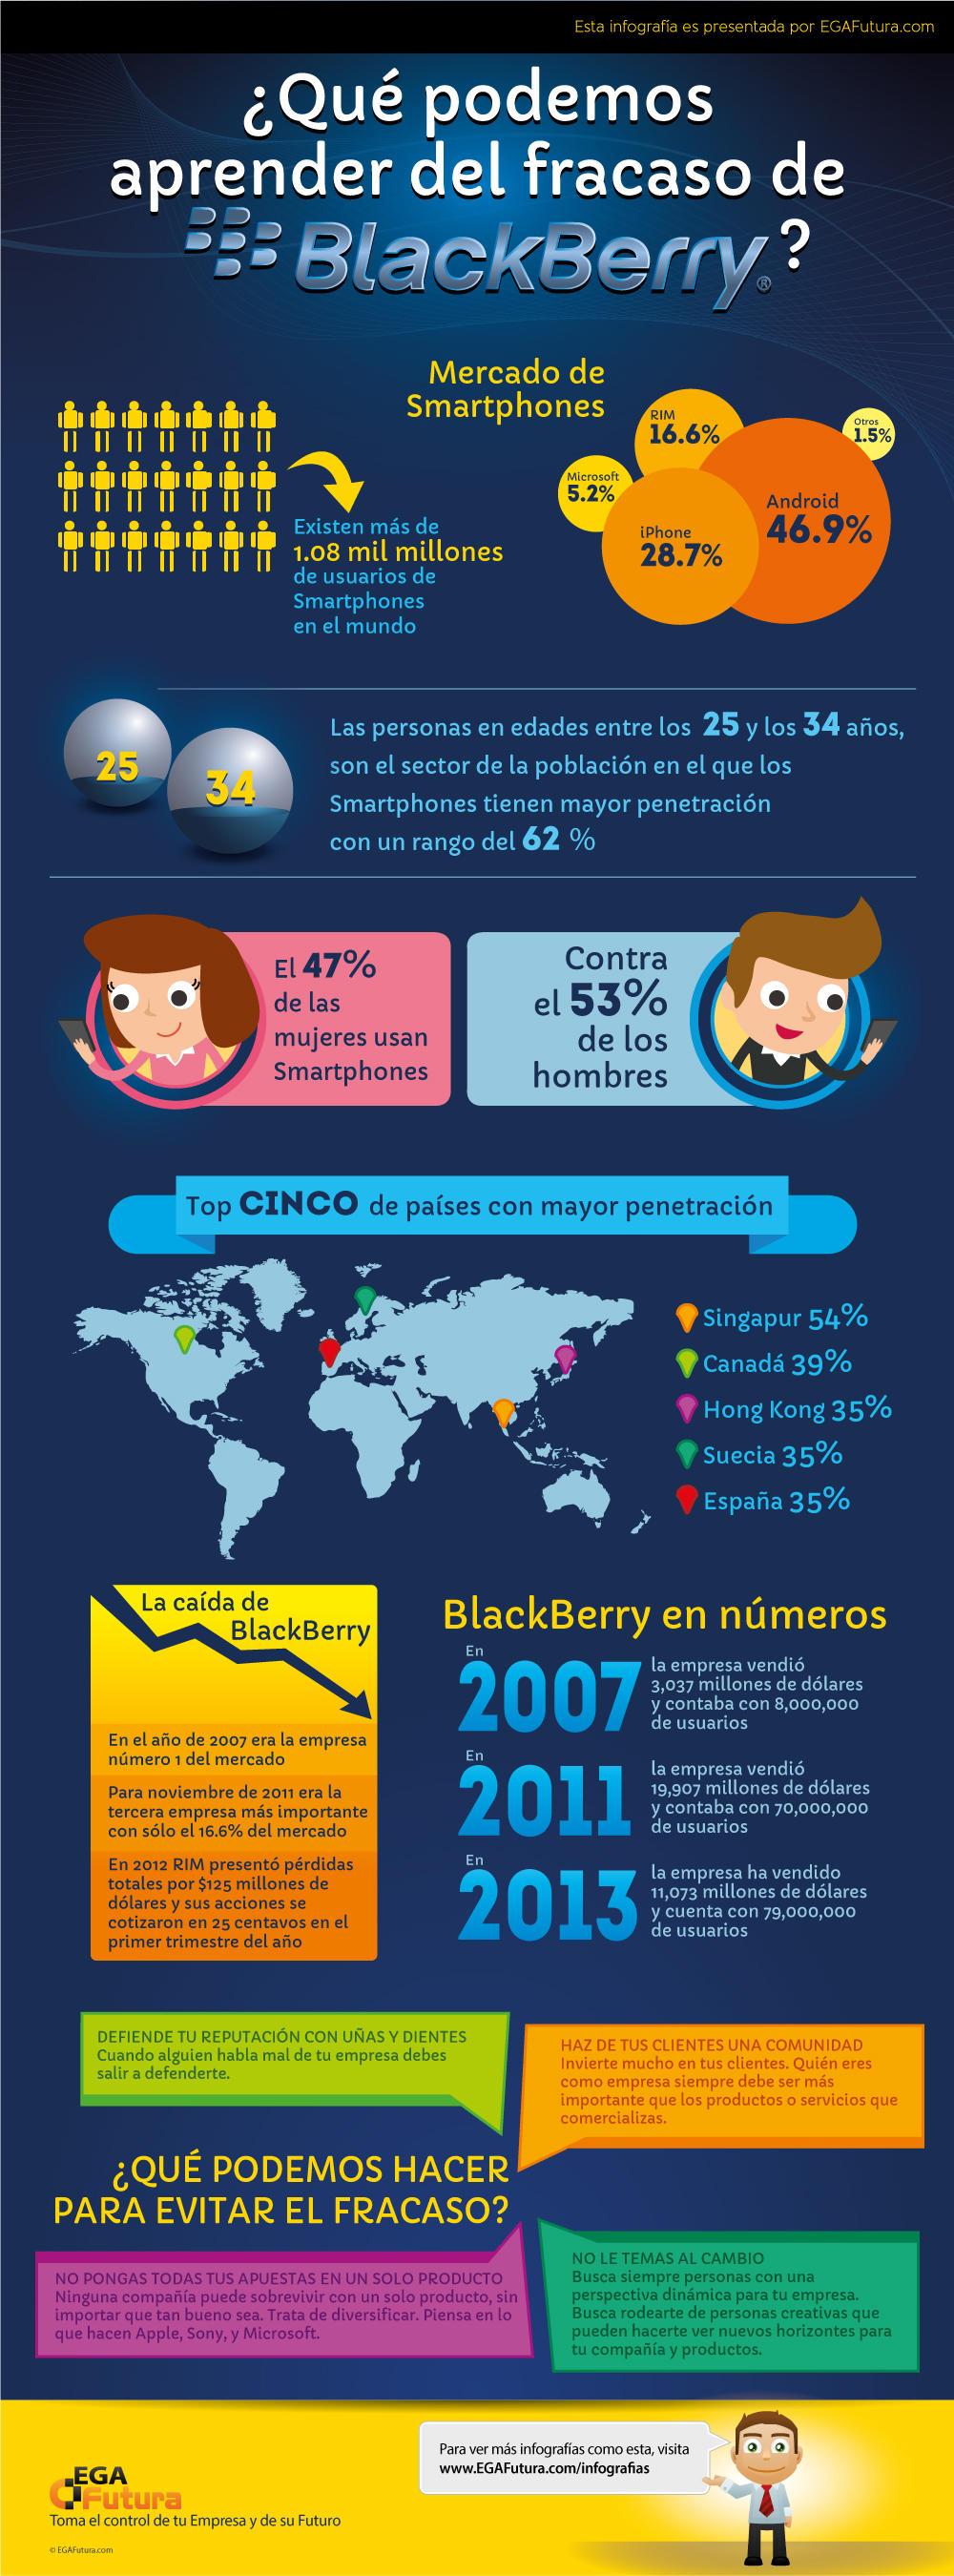 Infografía: ¿Qué podemos aprender del fracaso de BlackBerry?